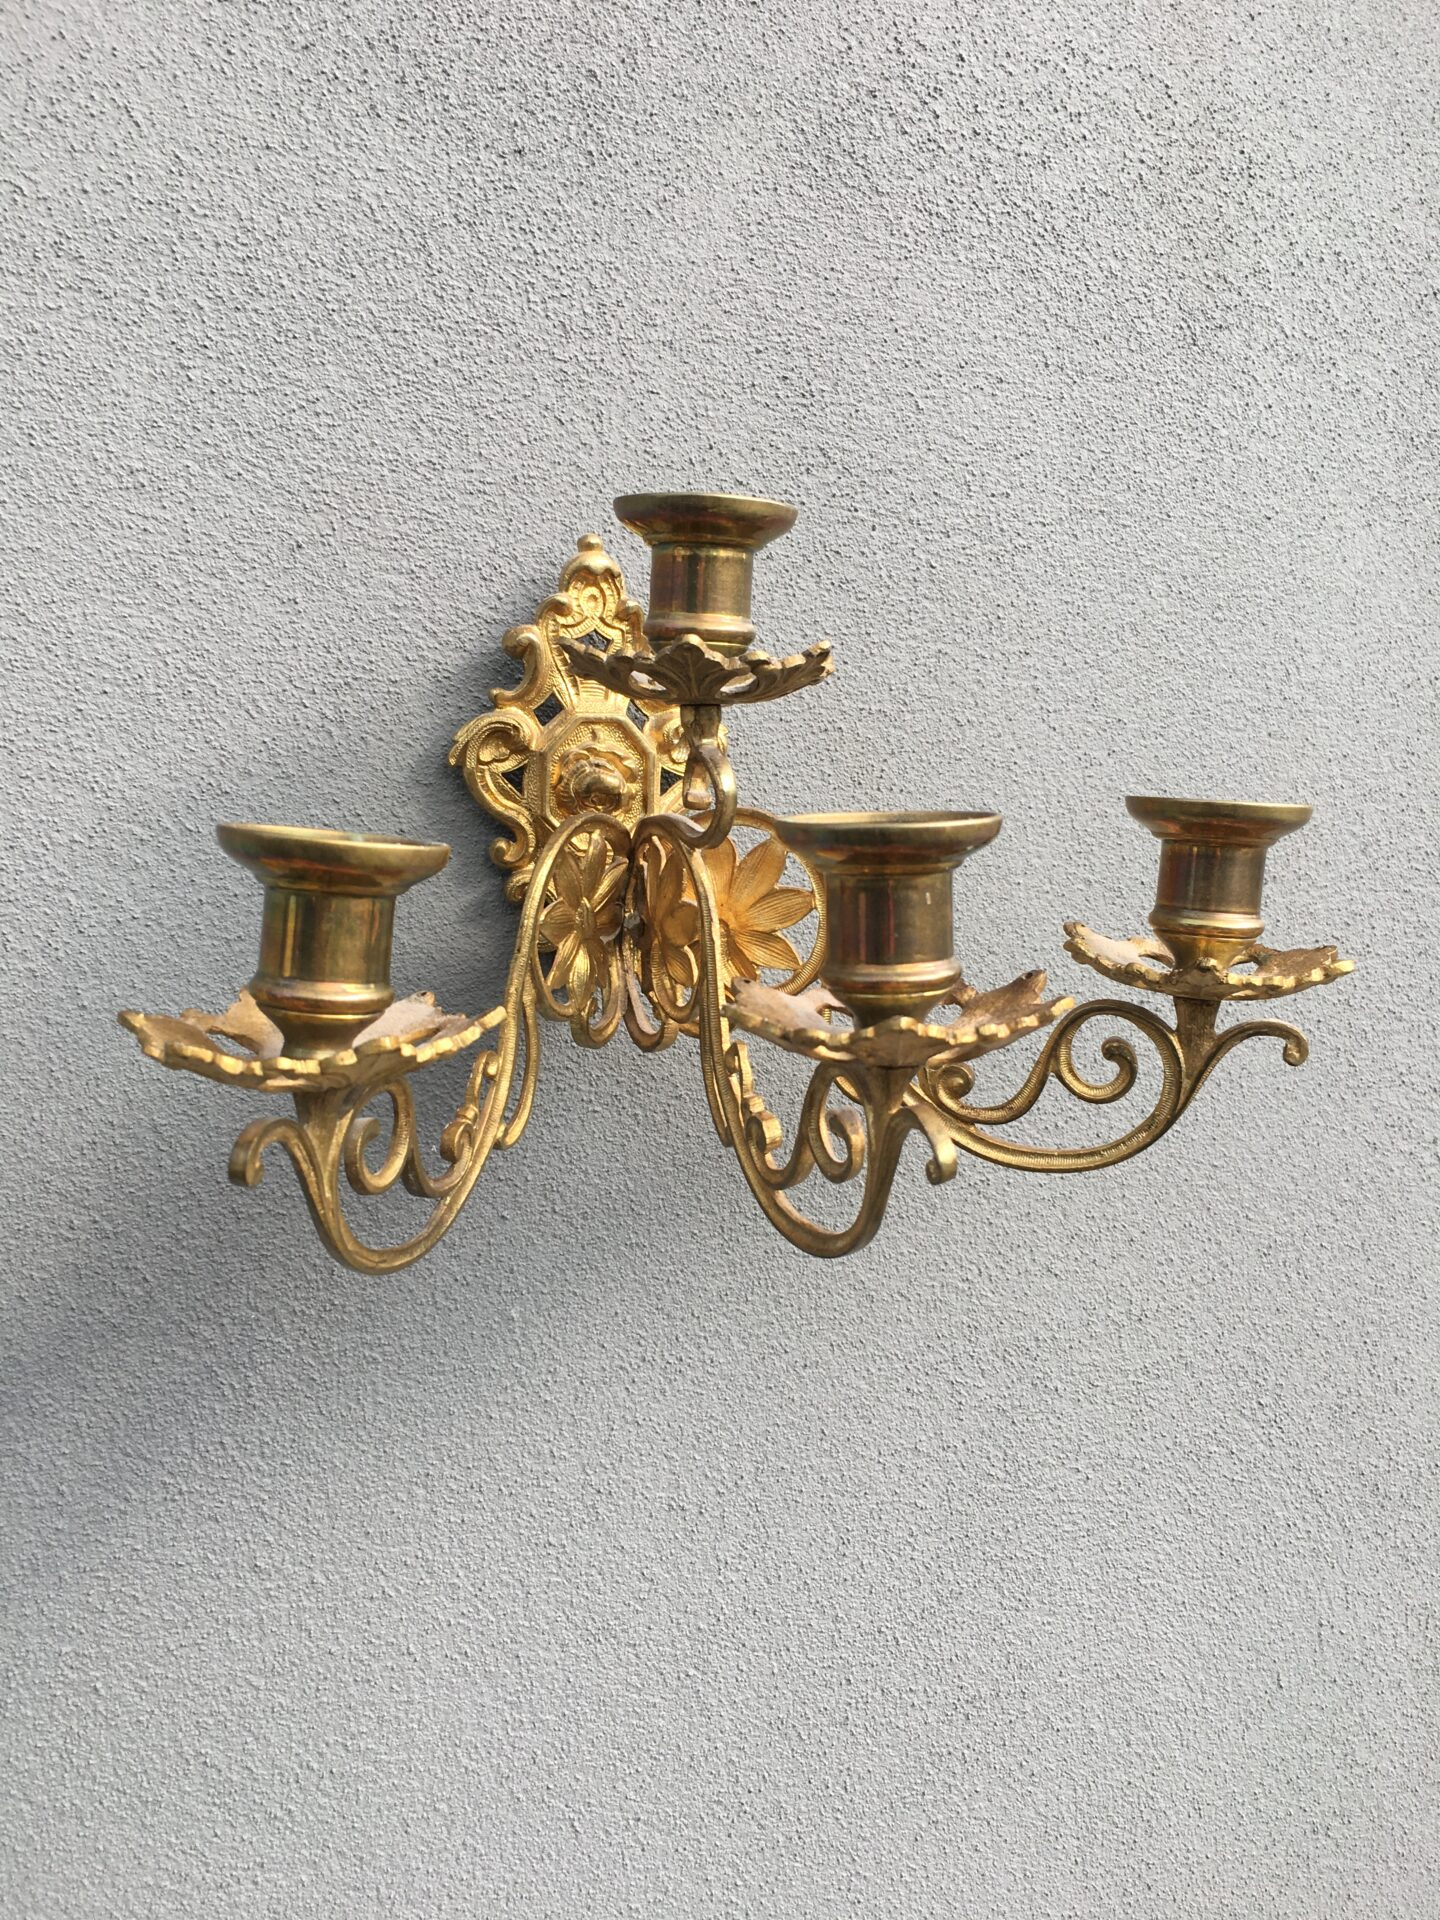 Antik lueforgyldt kandelaber til vægophæng, pris 500kr